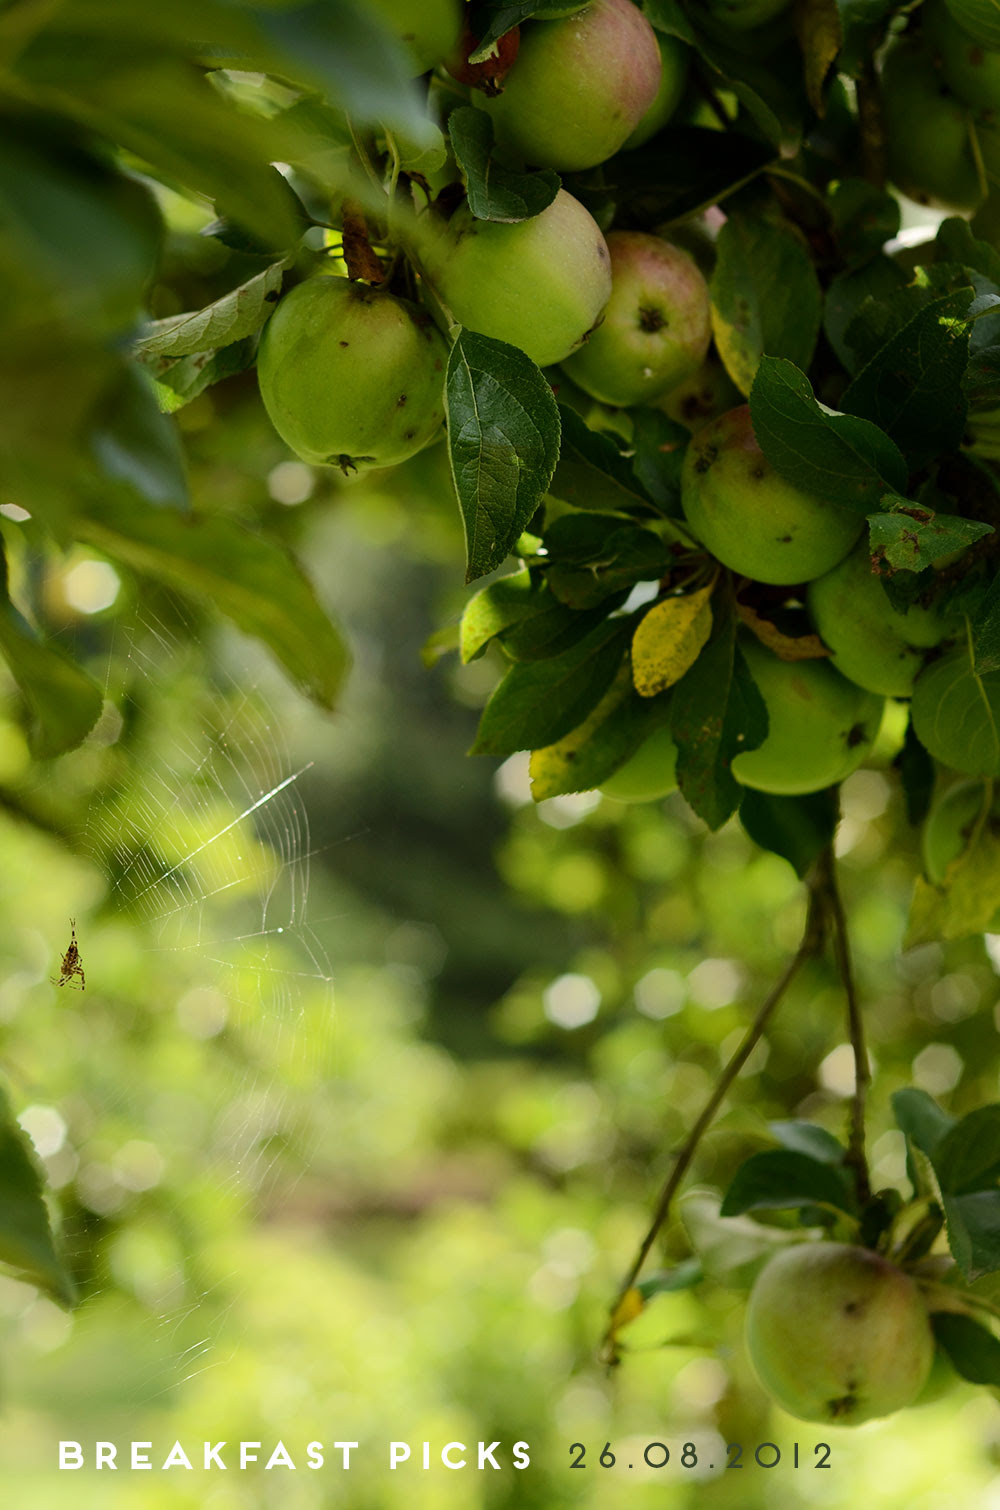 Augustäpfel / Apples in my grandmother's garden